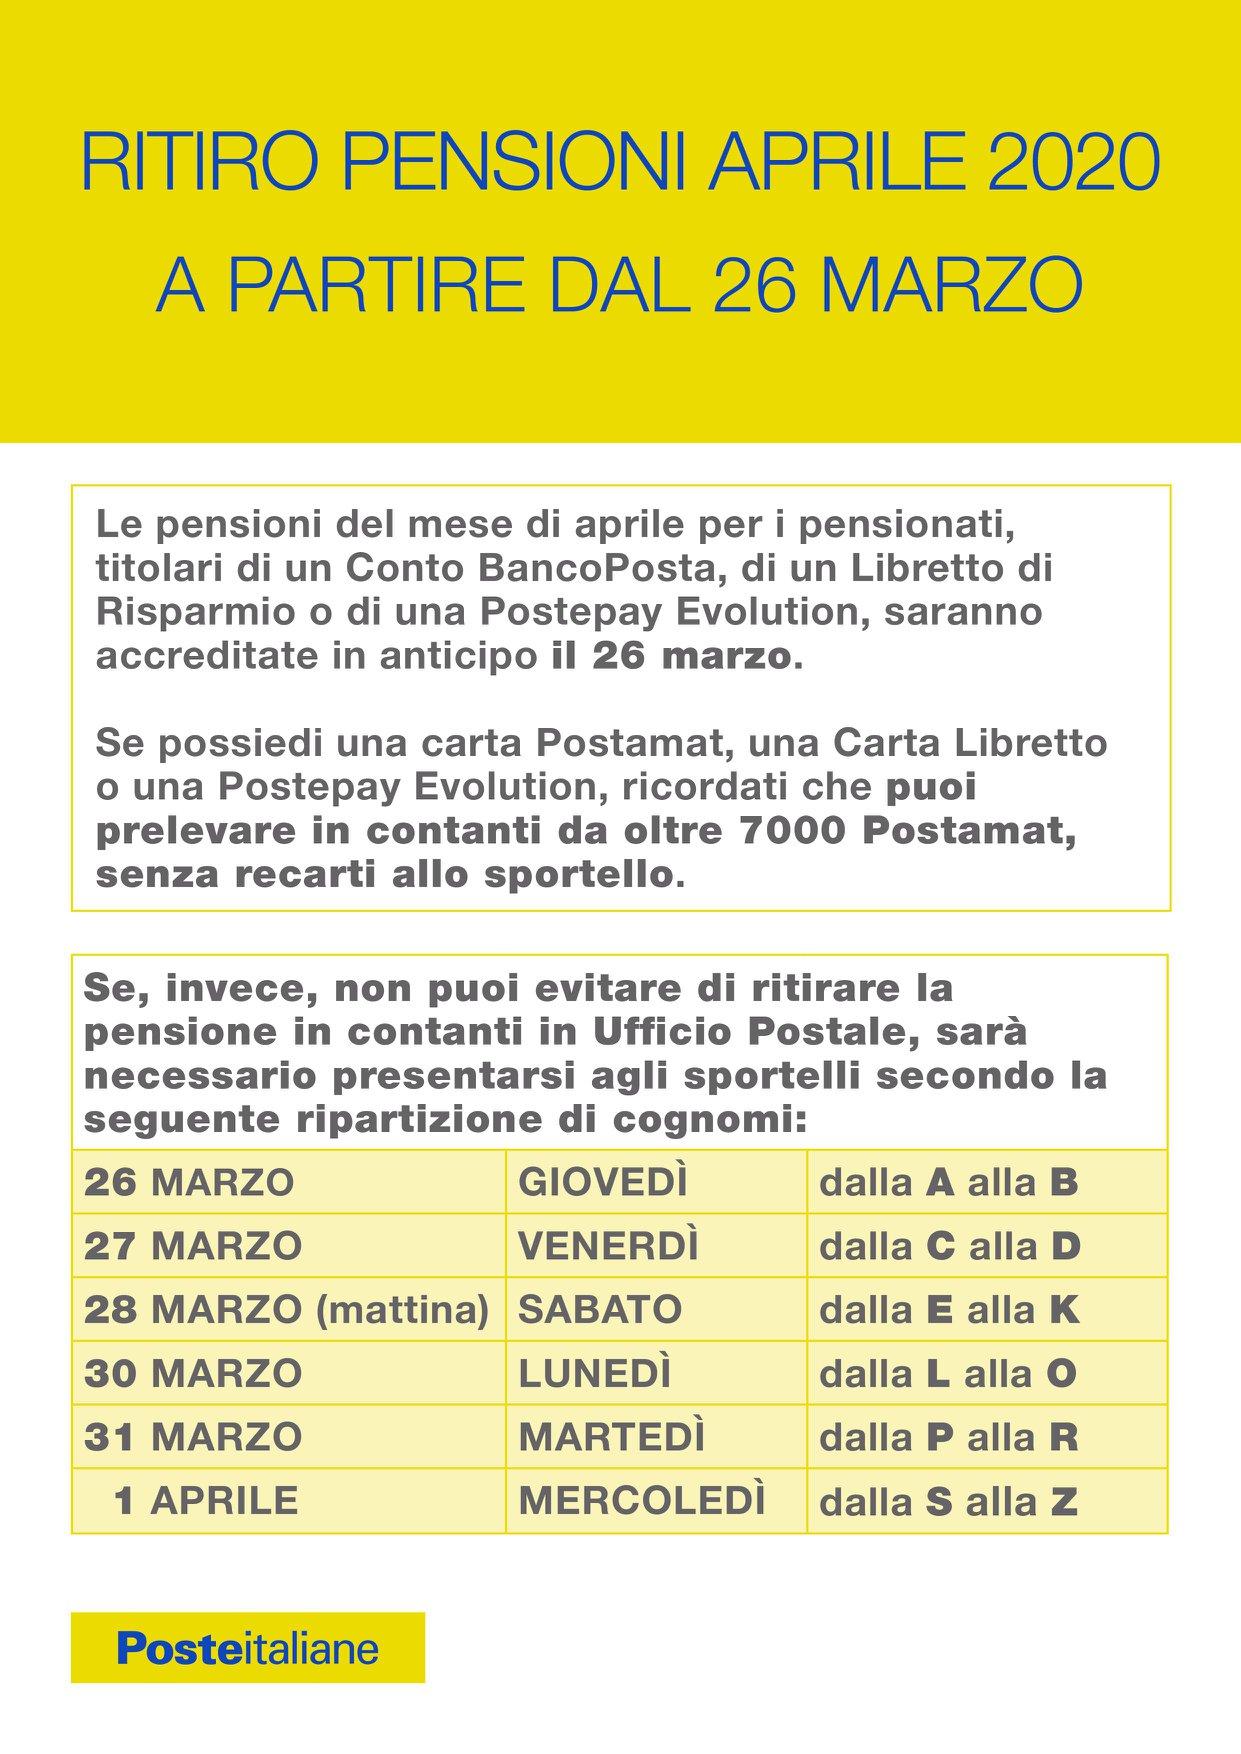 Ritiro Pensioni Aprile 2020 A PARTIRE DAL 26 MARZO